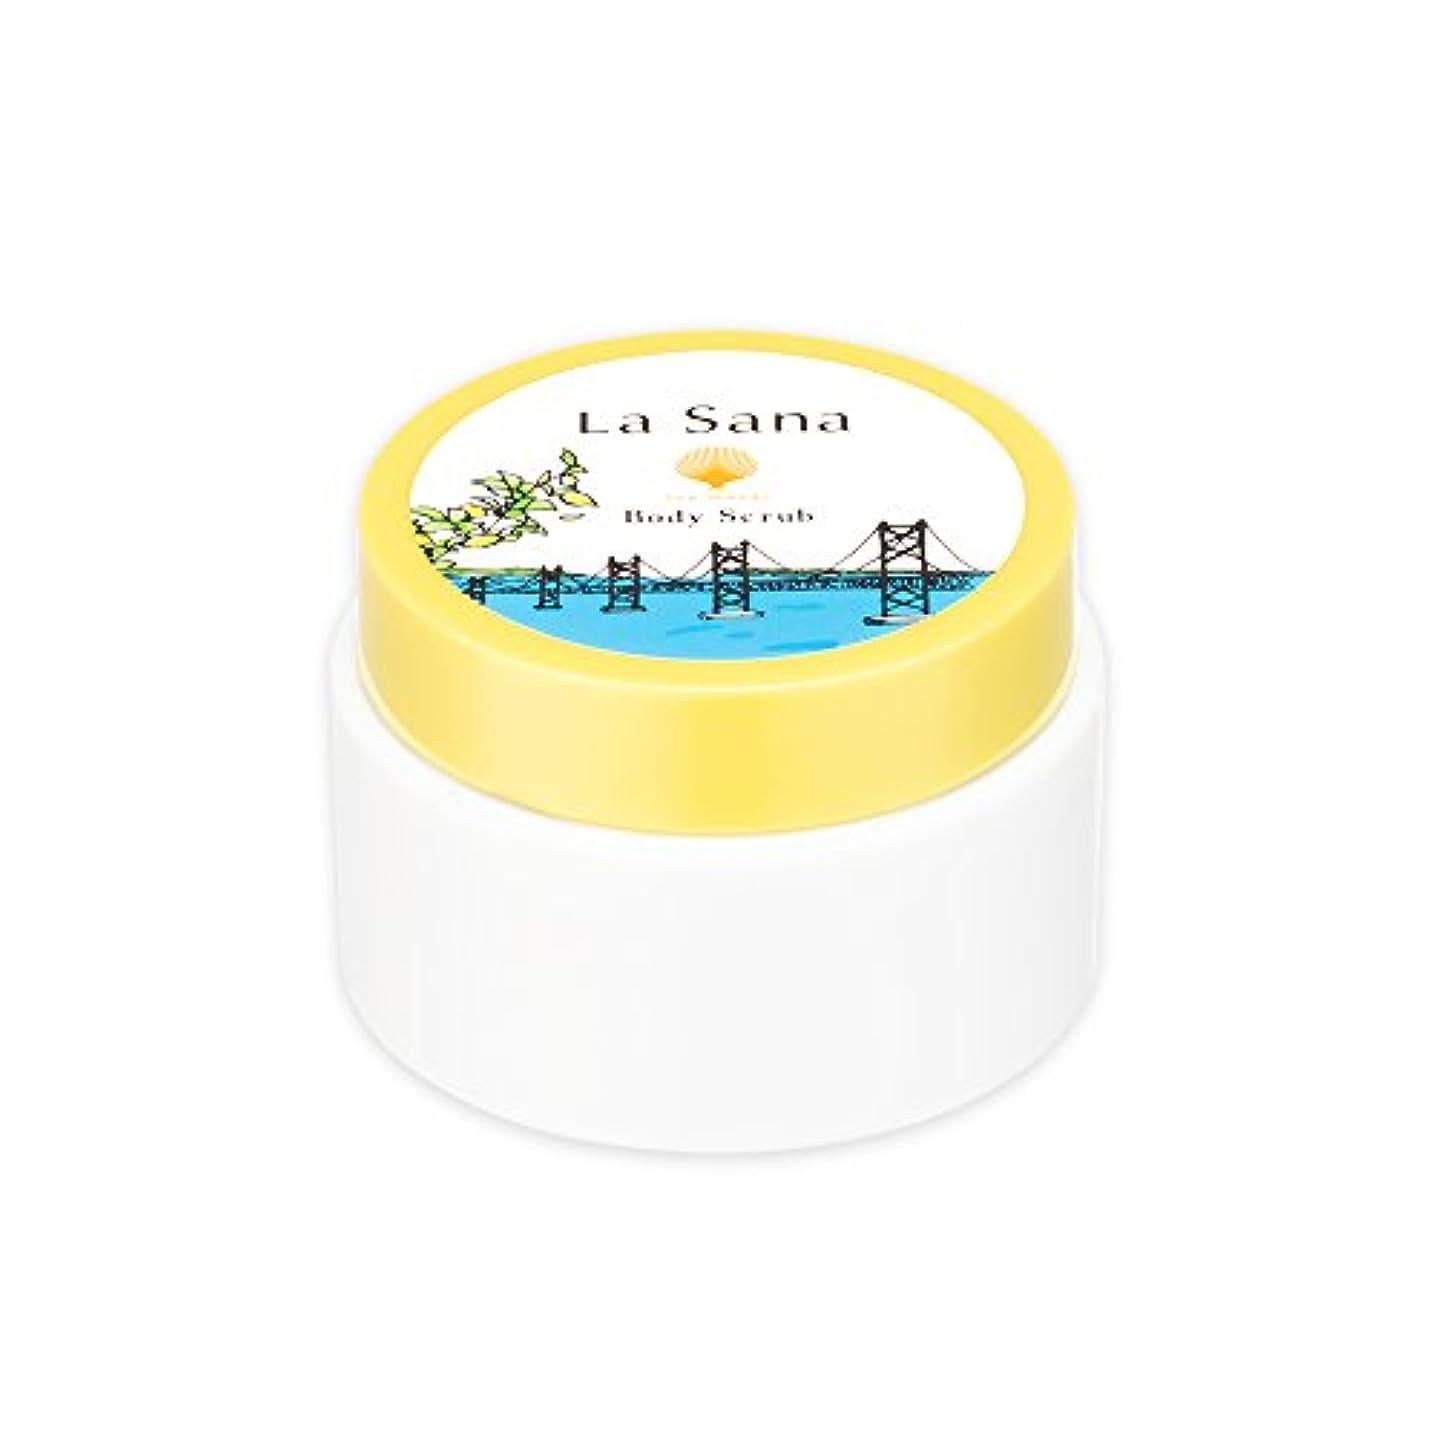 喪手順保証ラサーナ La sana 海藻 ボディ スクラブ 100g 限定 瀬戸内レモンの香り ボディケア 日本製 (約1ヵ月分)